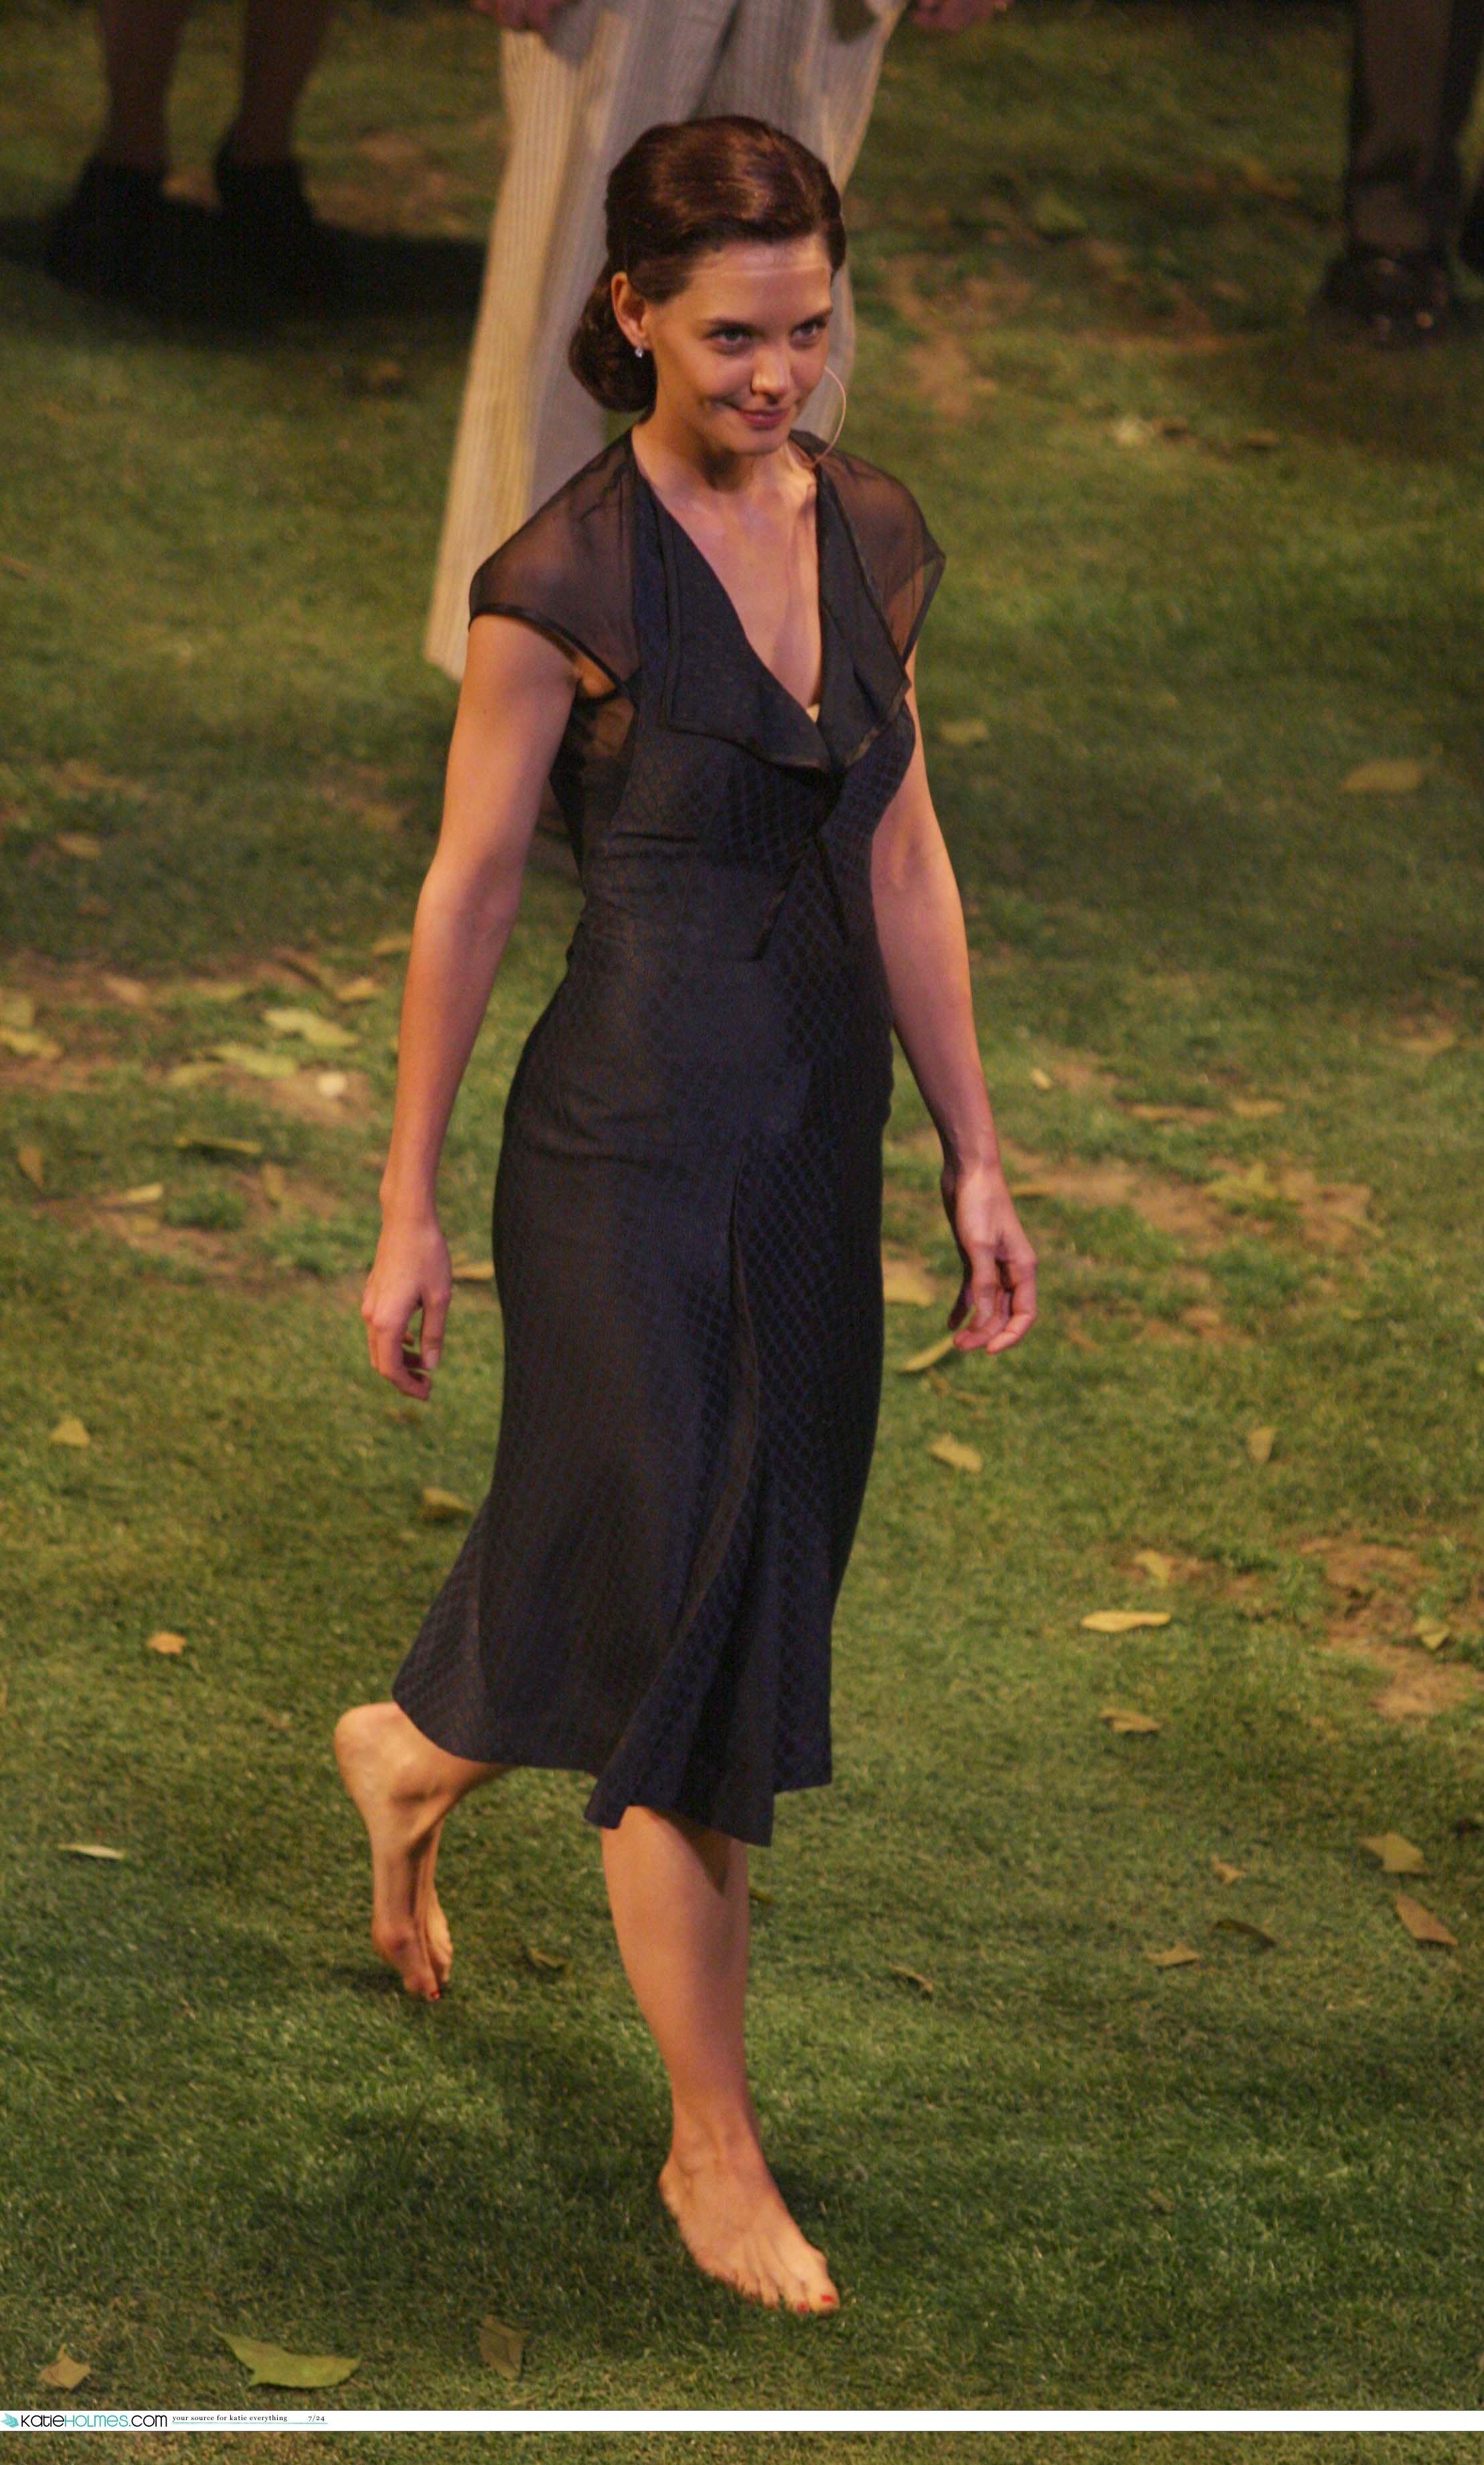 https://pics.wikifeet.com/Katie-Holmes-Feet-1074136.jpg